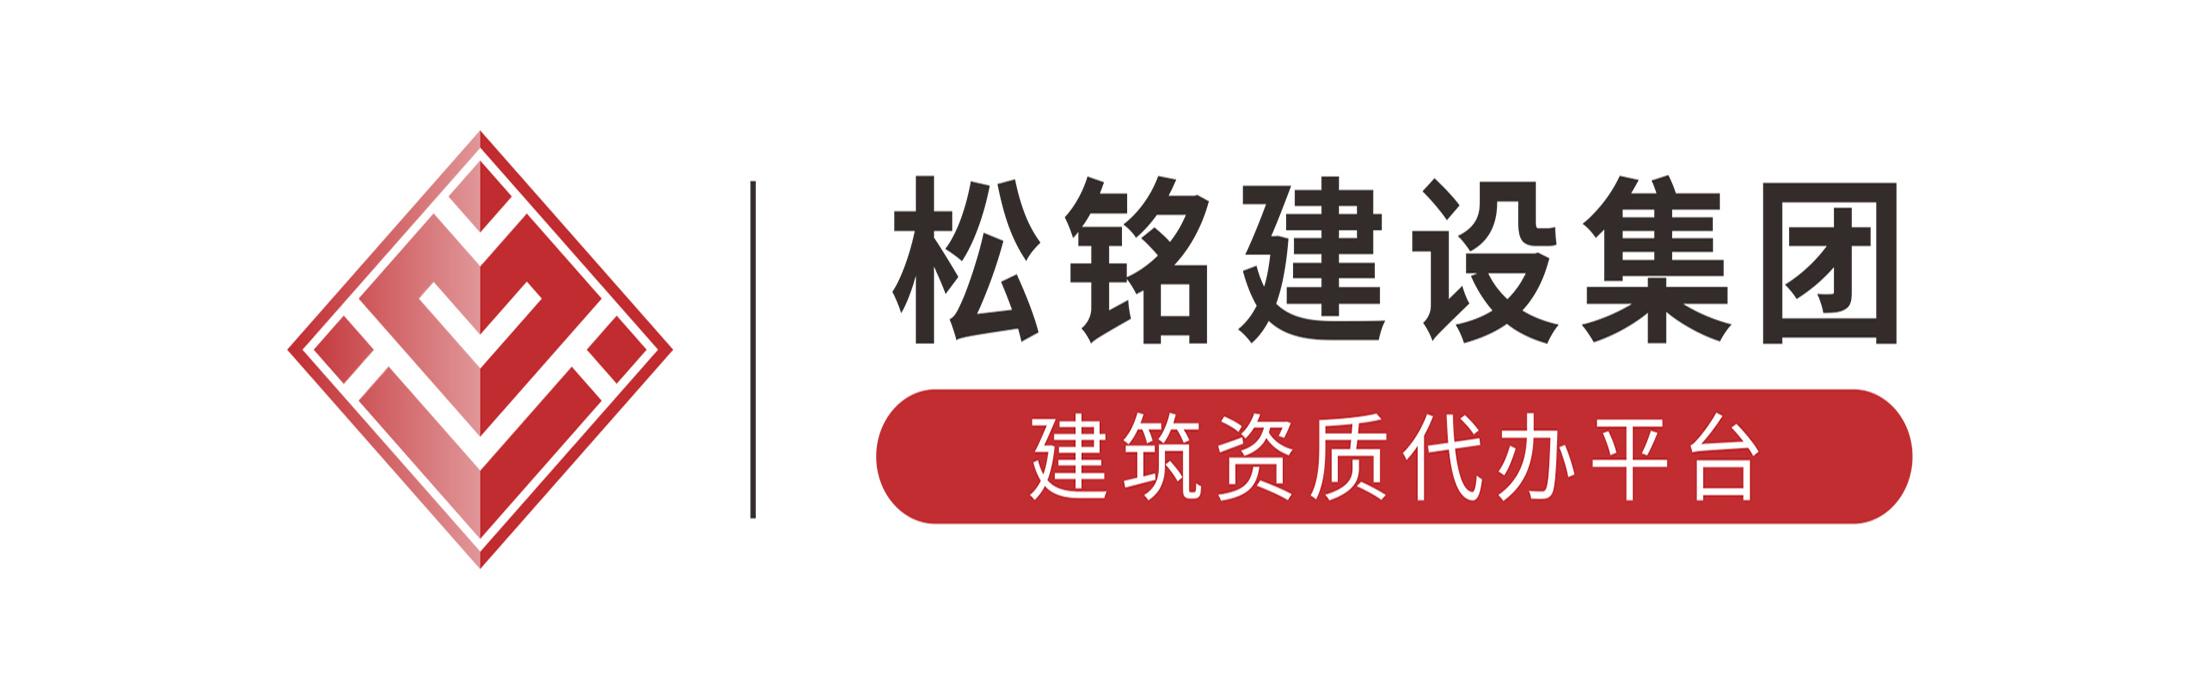 四川资质办理-四川松铭实业有限公司